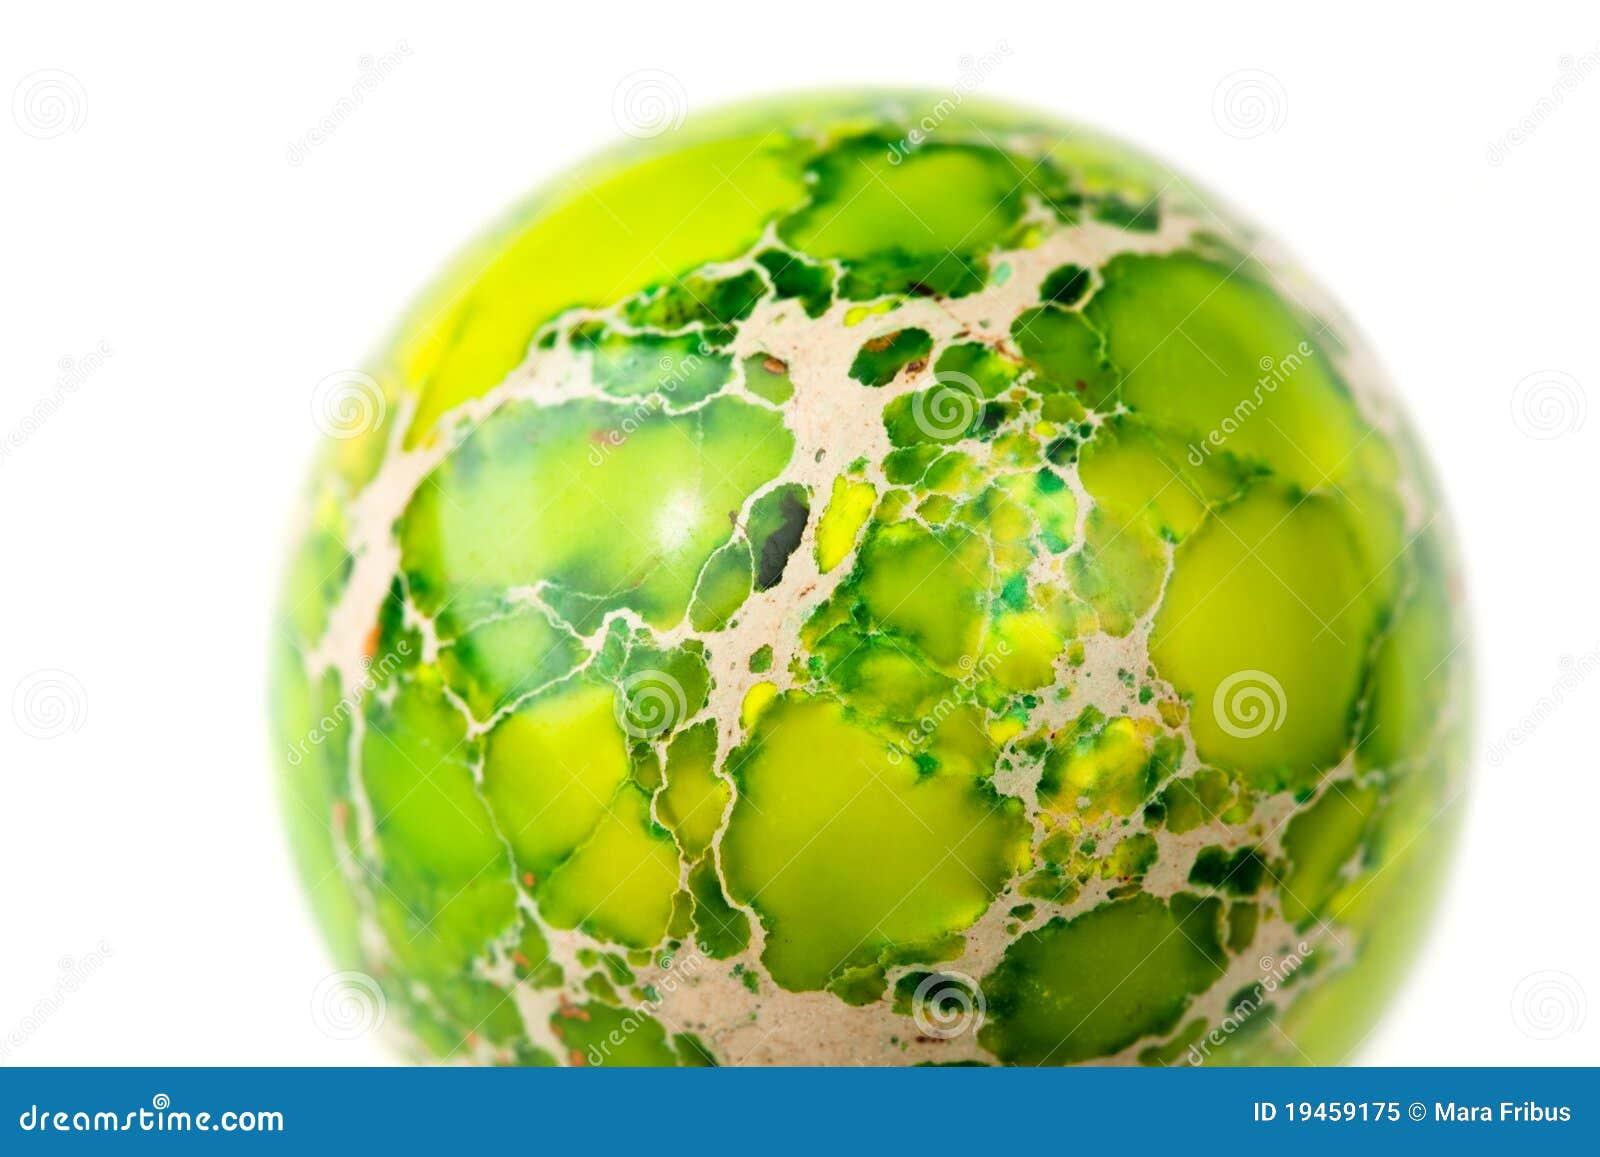 Green jasper sphere